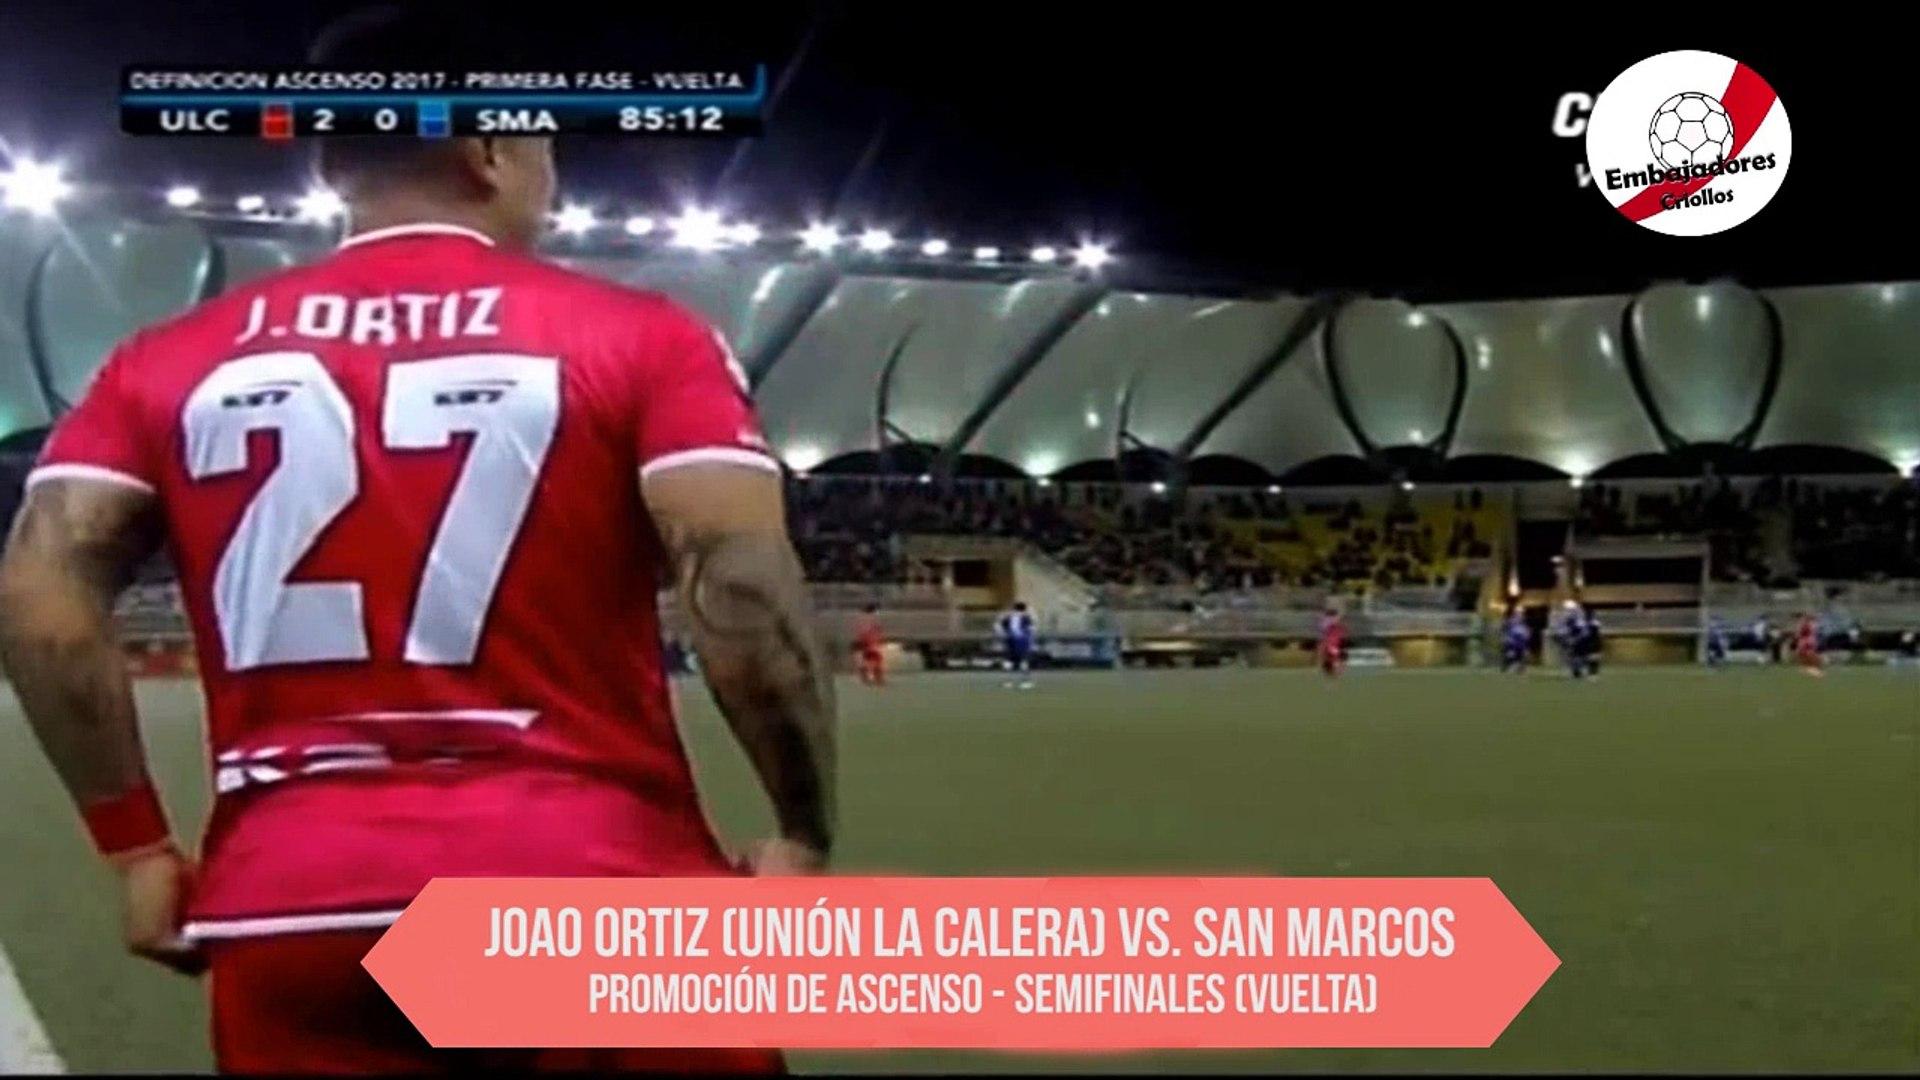 Compacto de Joao Ortiz vs. San Marcos